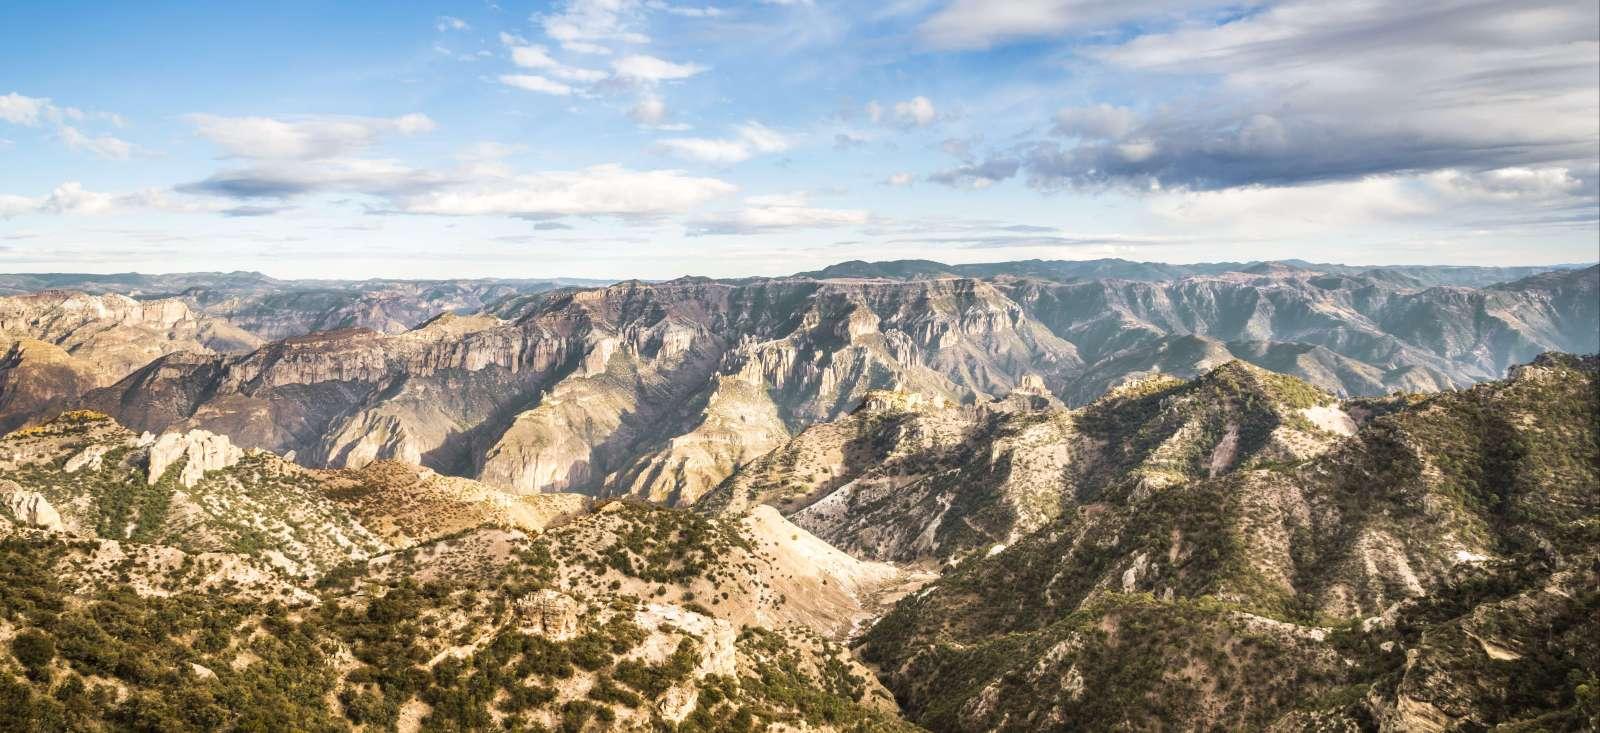 Voyage à thème : Canyon de cuivre, expé en terre Tarahumara